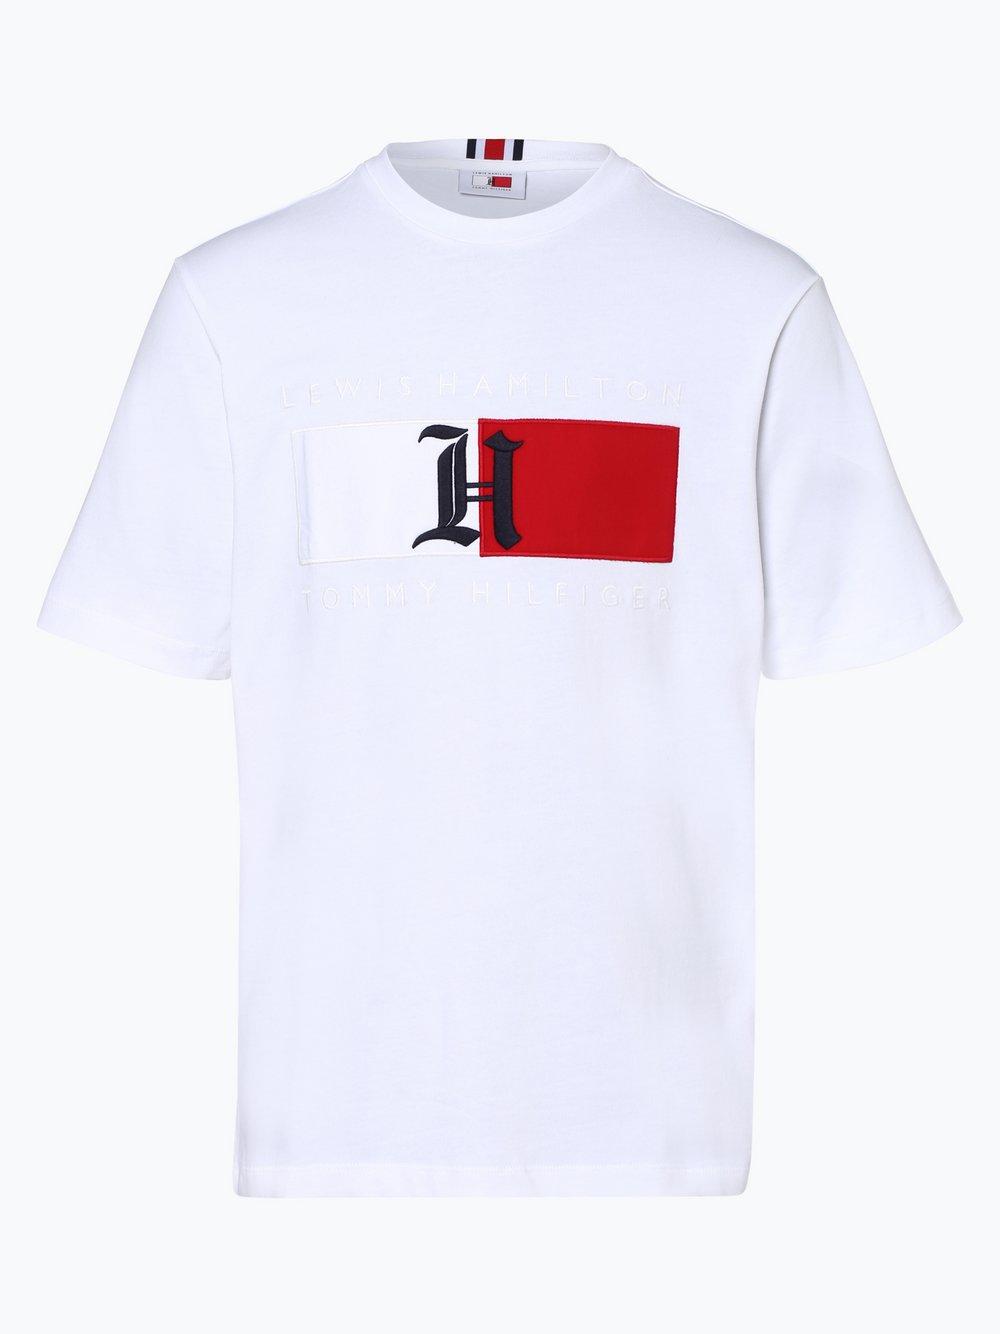 sports shoes d4152 2ed3e Tommy Hilfiger Herren T-Shirt - Lewis Hamilton online kaufen ...